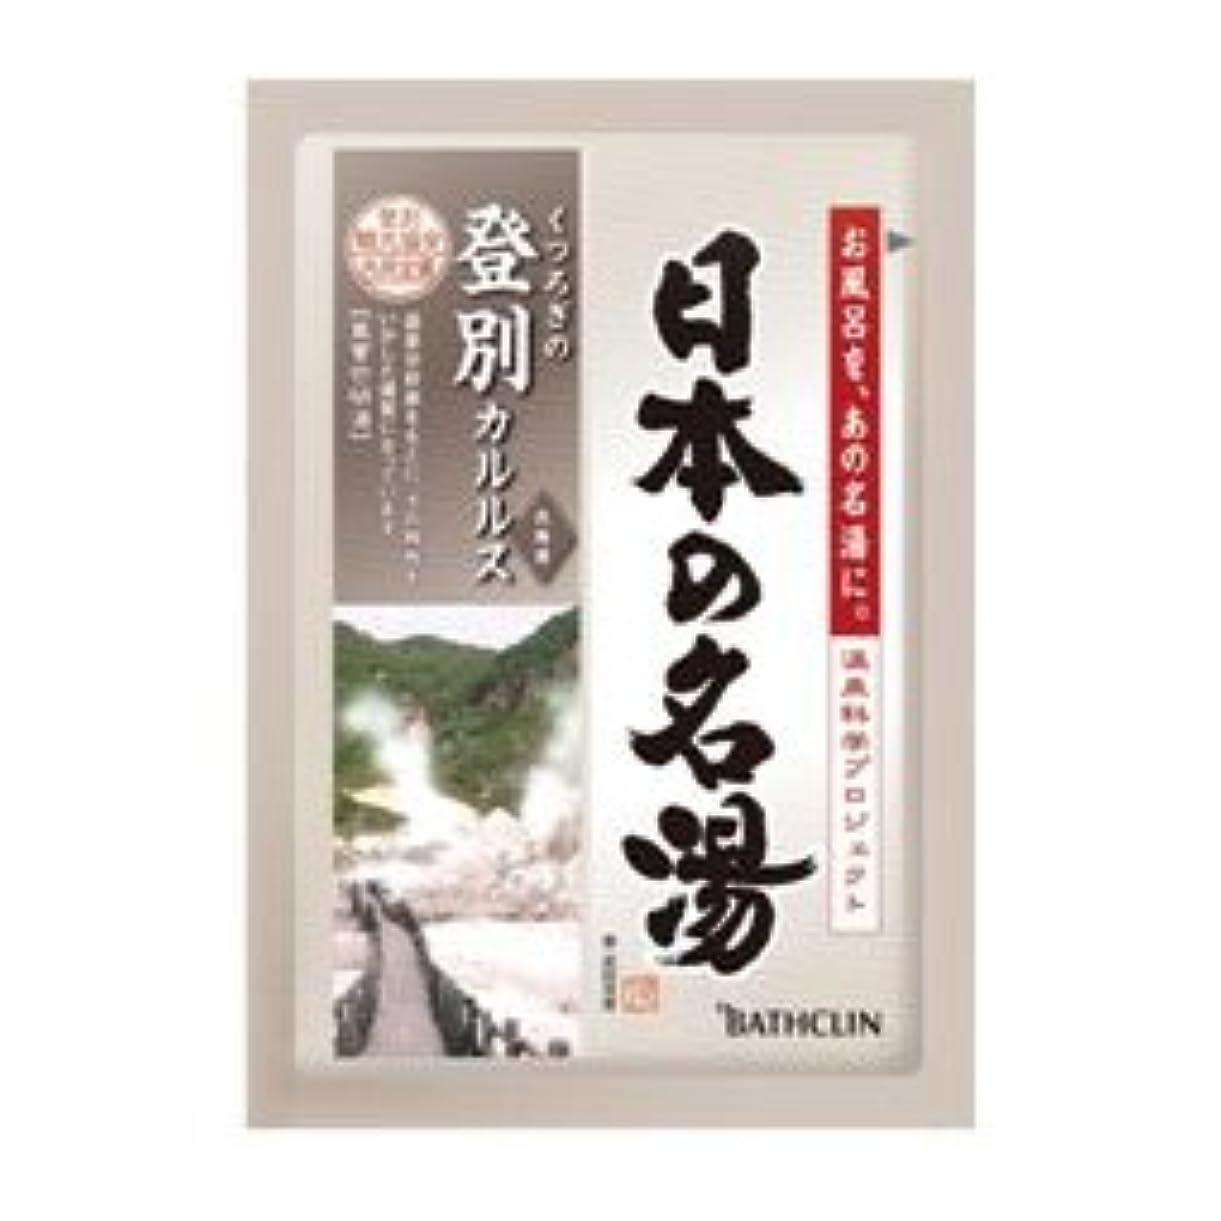 落胆させるドレス入学するバスクリン 日本の名湯 登別カルルス 1包 医薬部外品 入浴剤×120点セット (4548514134980)